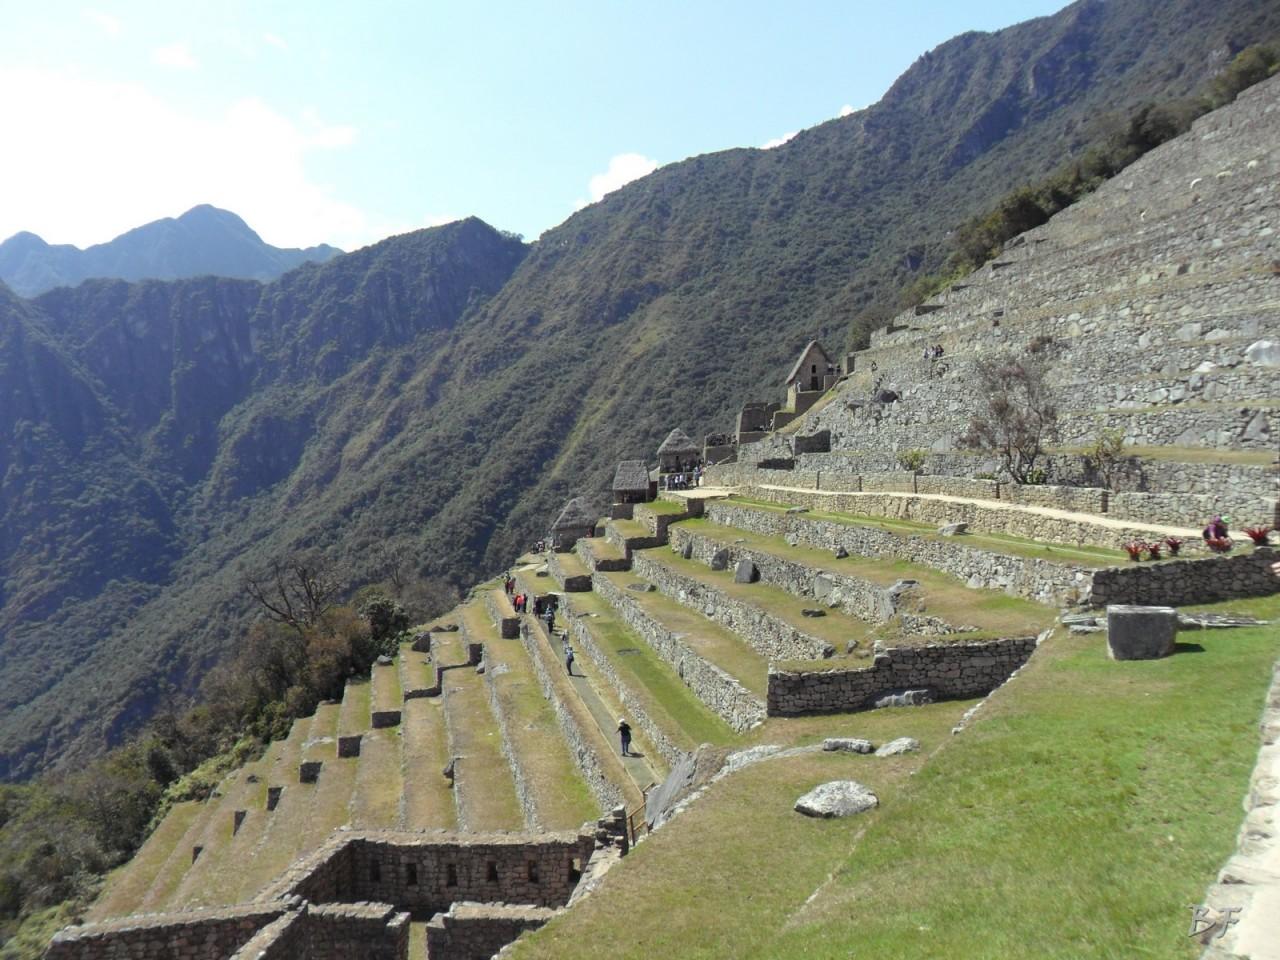 Mura-Poligonali-Incisioni-Altari-Edifici-Rupestri-Megaliti-Machu-Picchu-Aguas-Calientes-Urubamba-Cusco-Perù-15